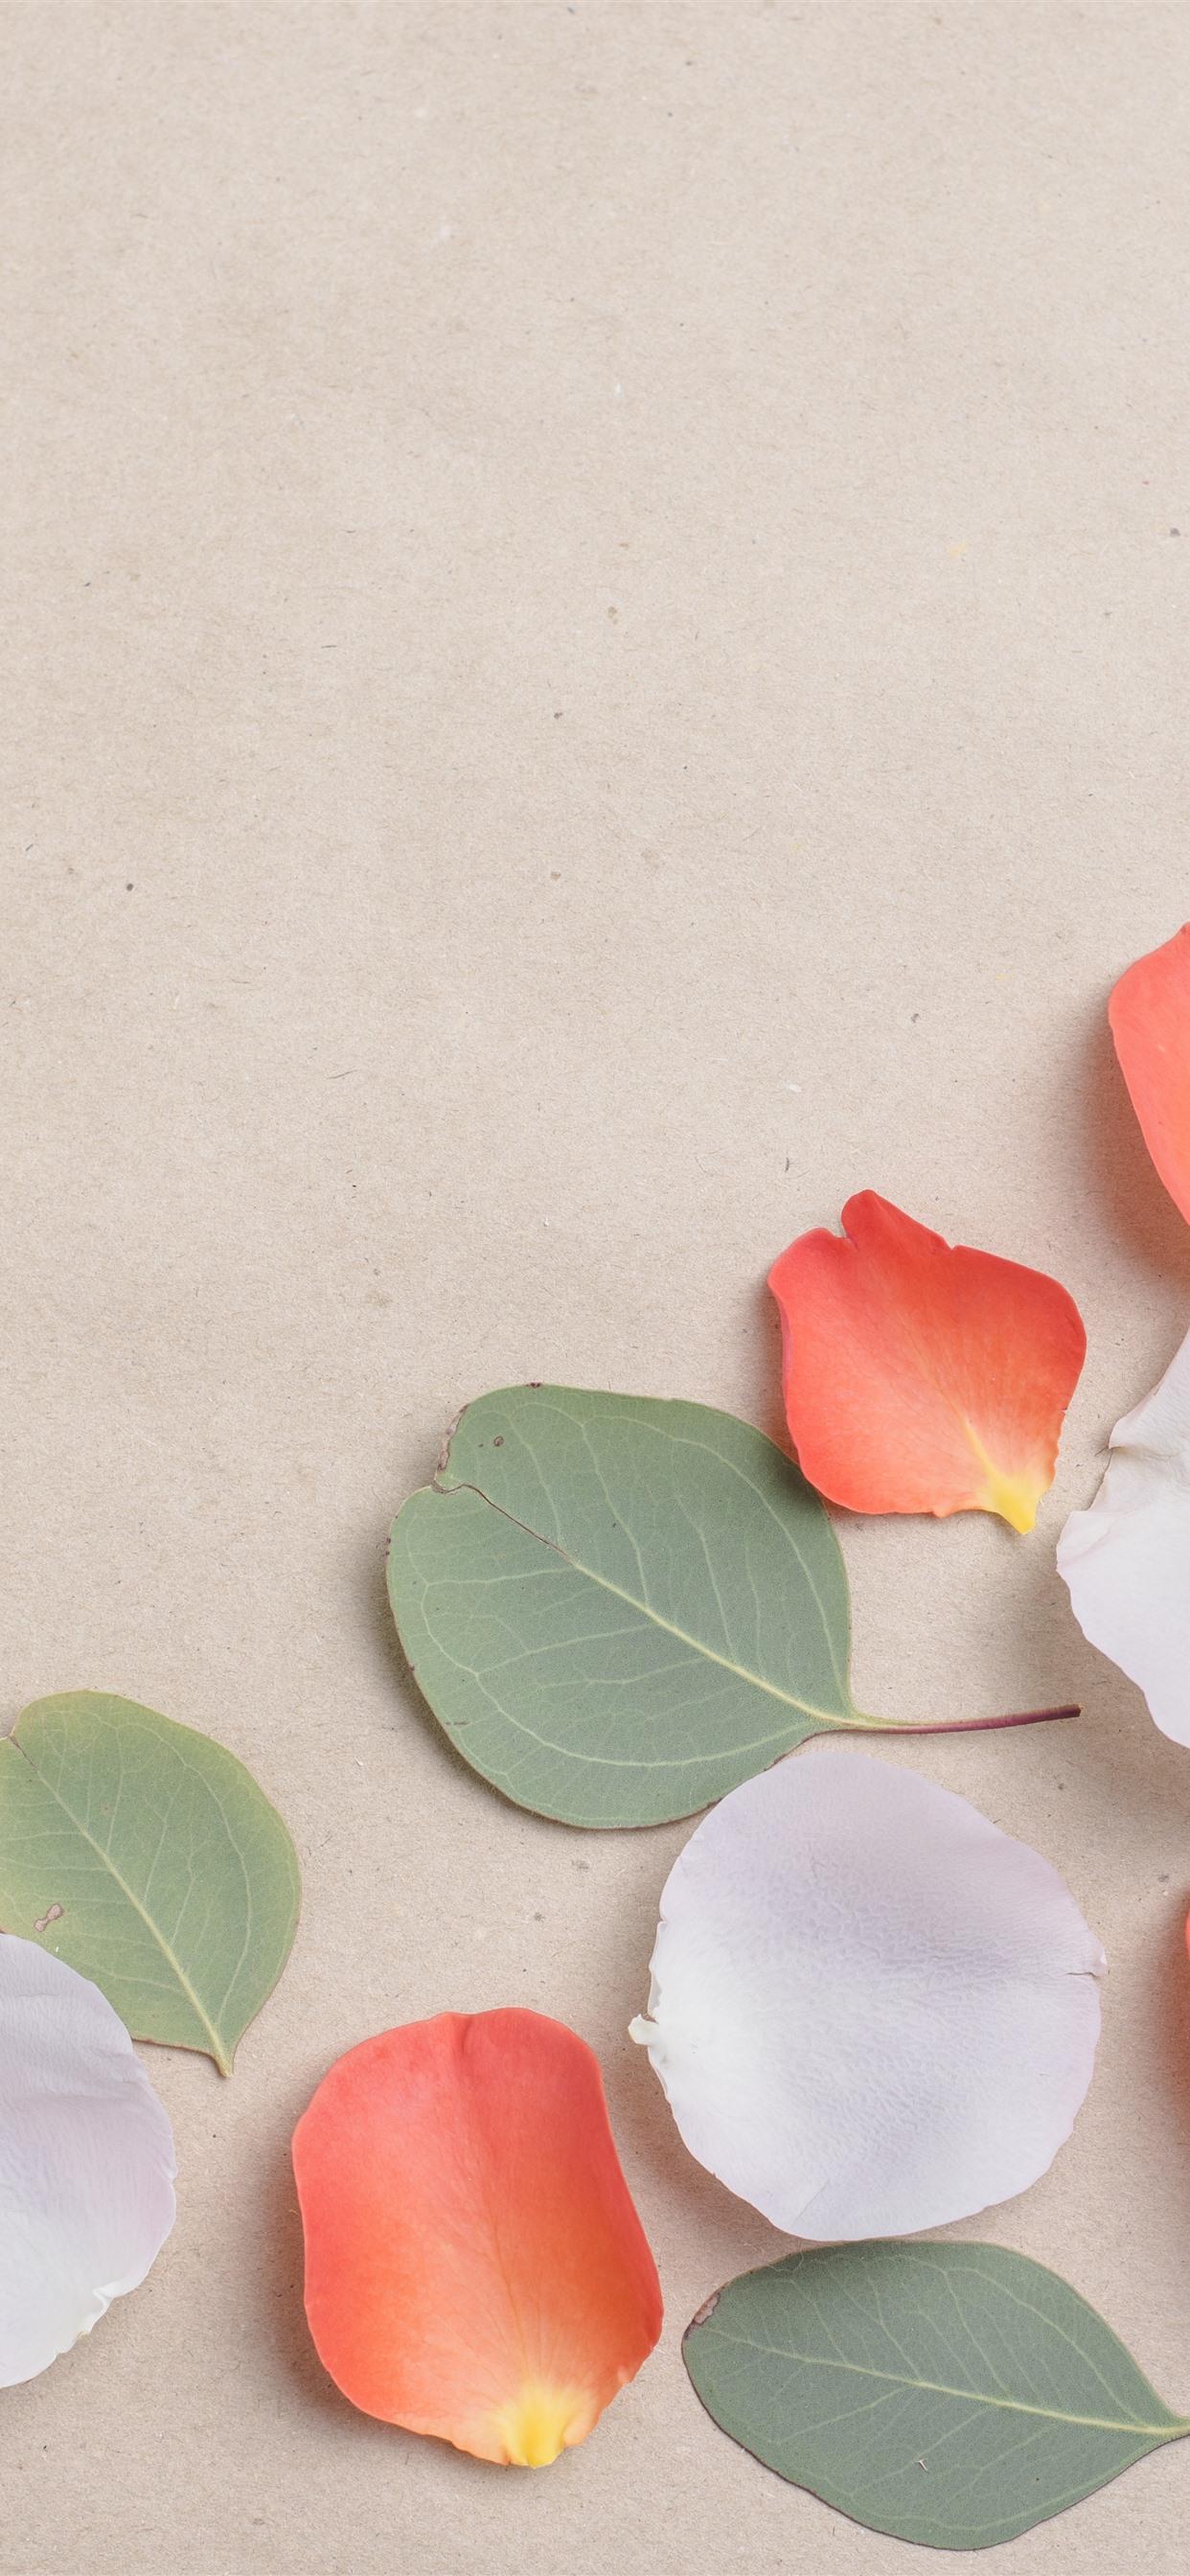 白とオレンジの花びら 緑の葉 1242x2688 Iphone 11 Pro Xs Max 壁紙